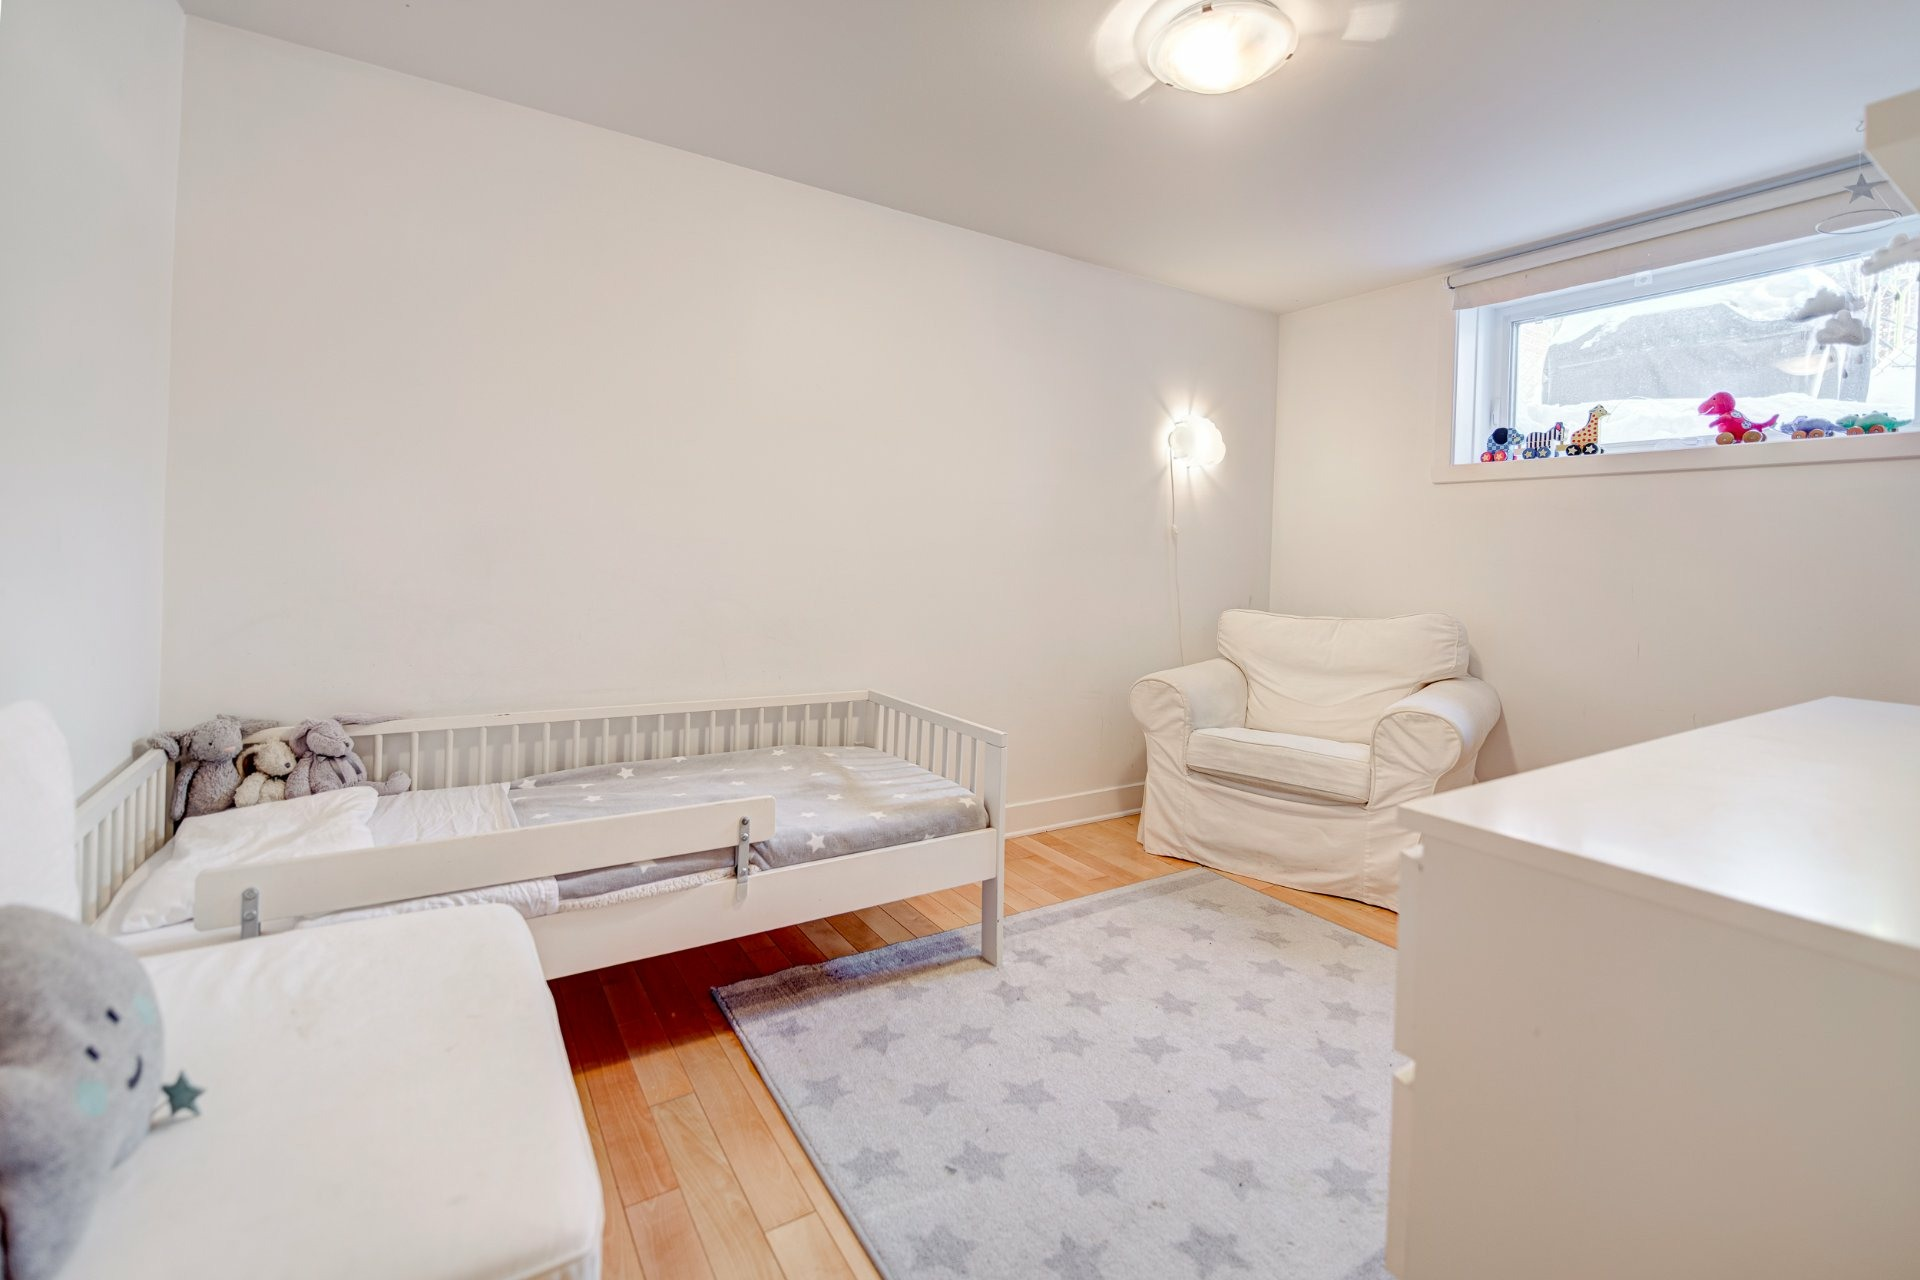 image 22 - Appartement À vendre Rosemont/La Petite-Patrie Montréal  - 6 pièces